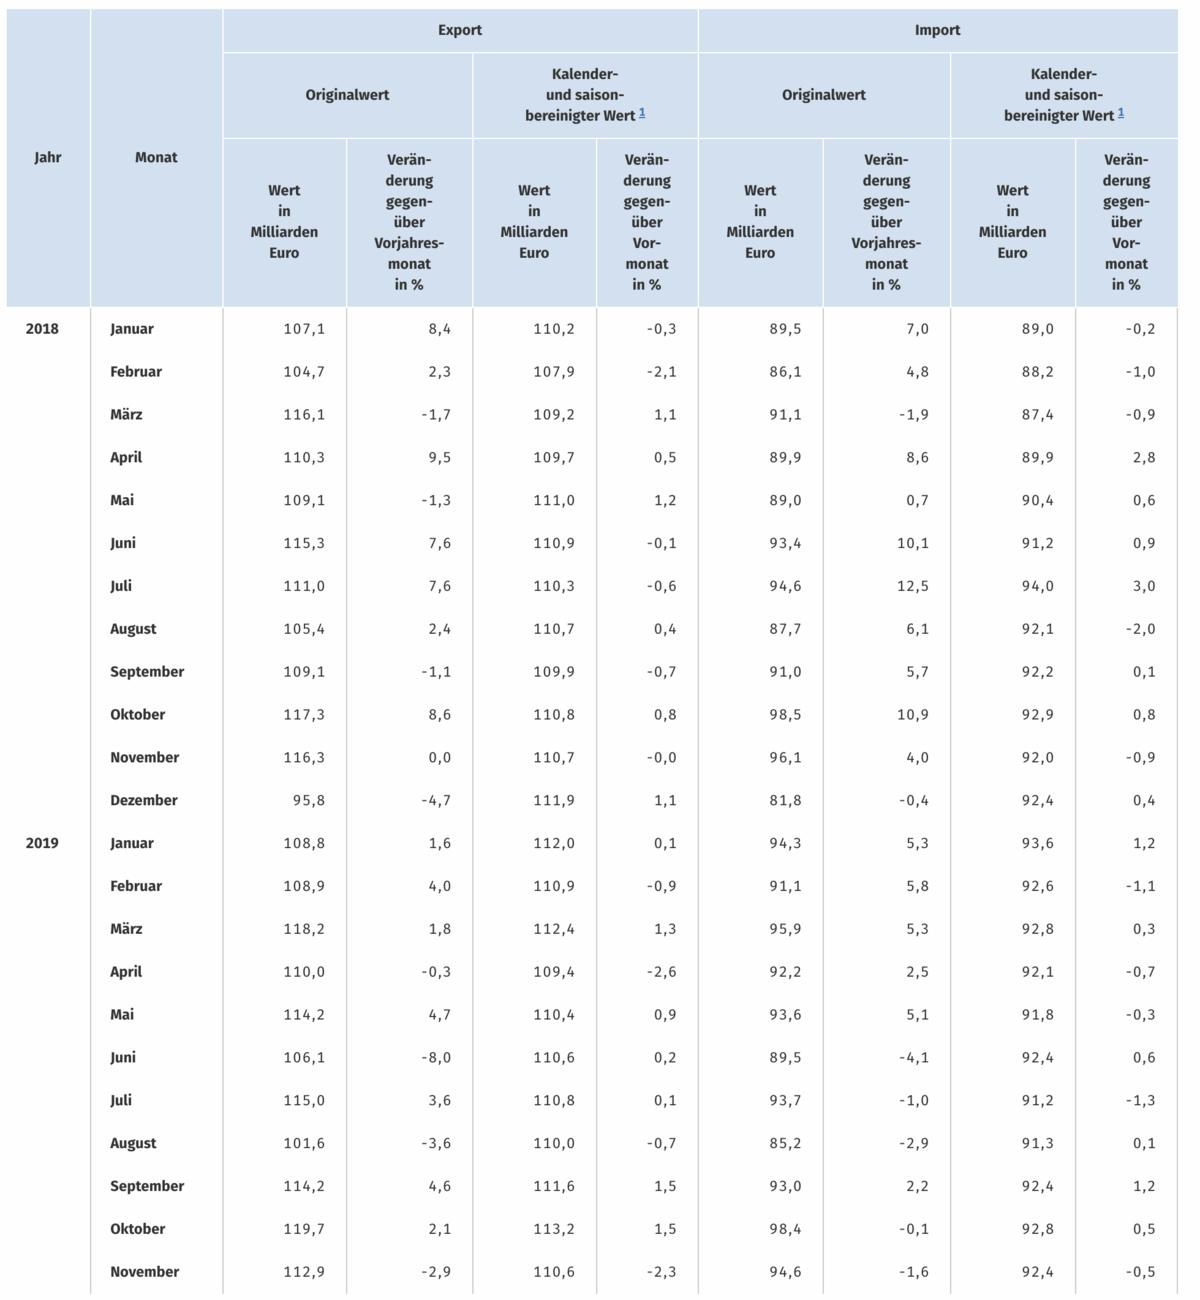 Statistik für Exporte und Importe